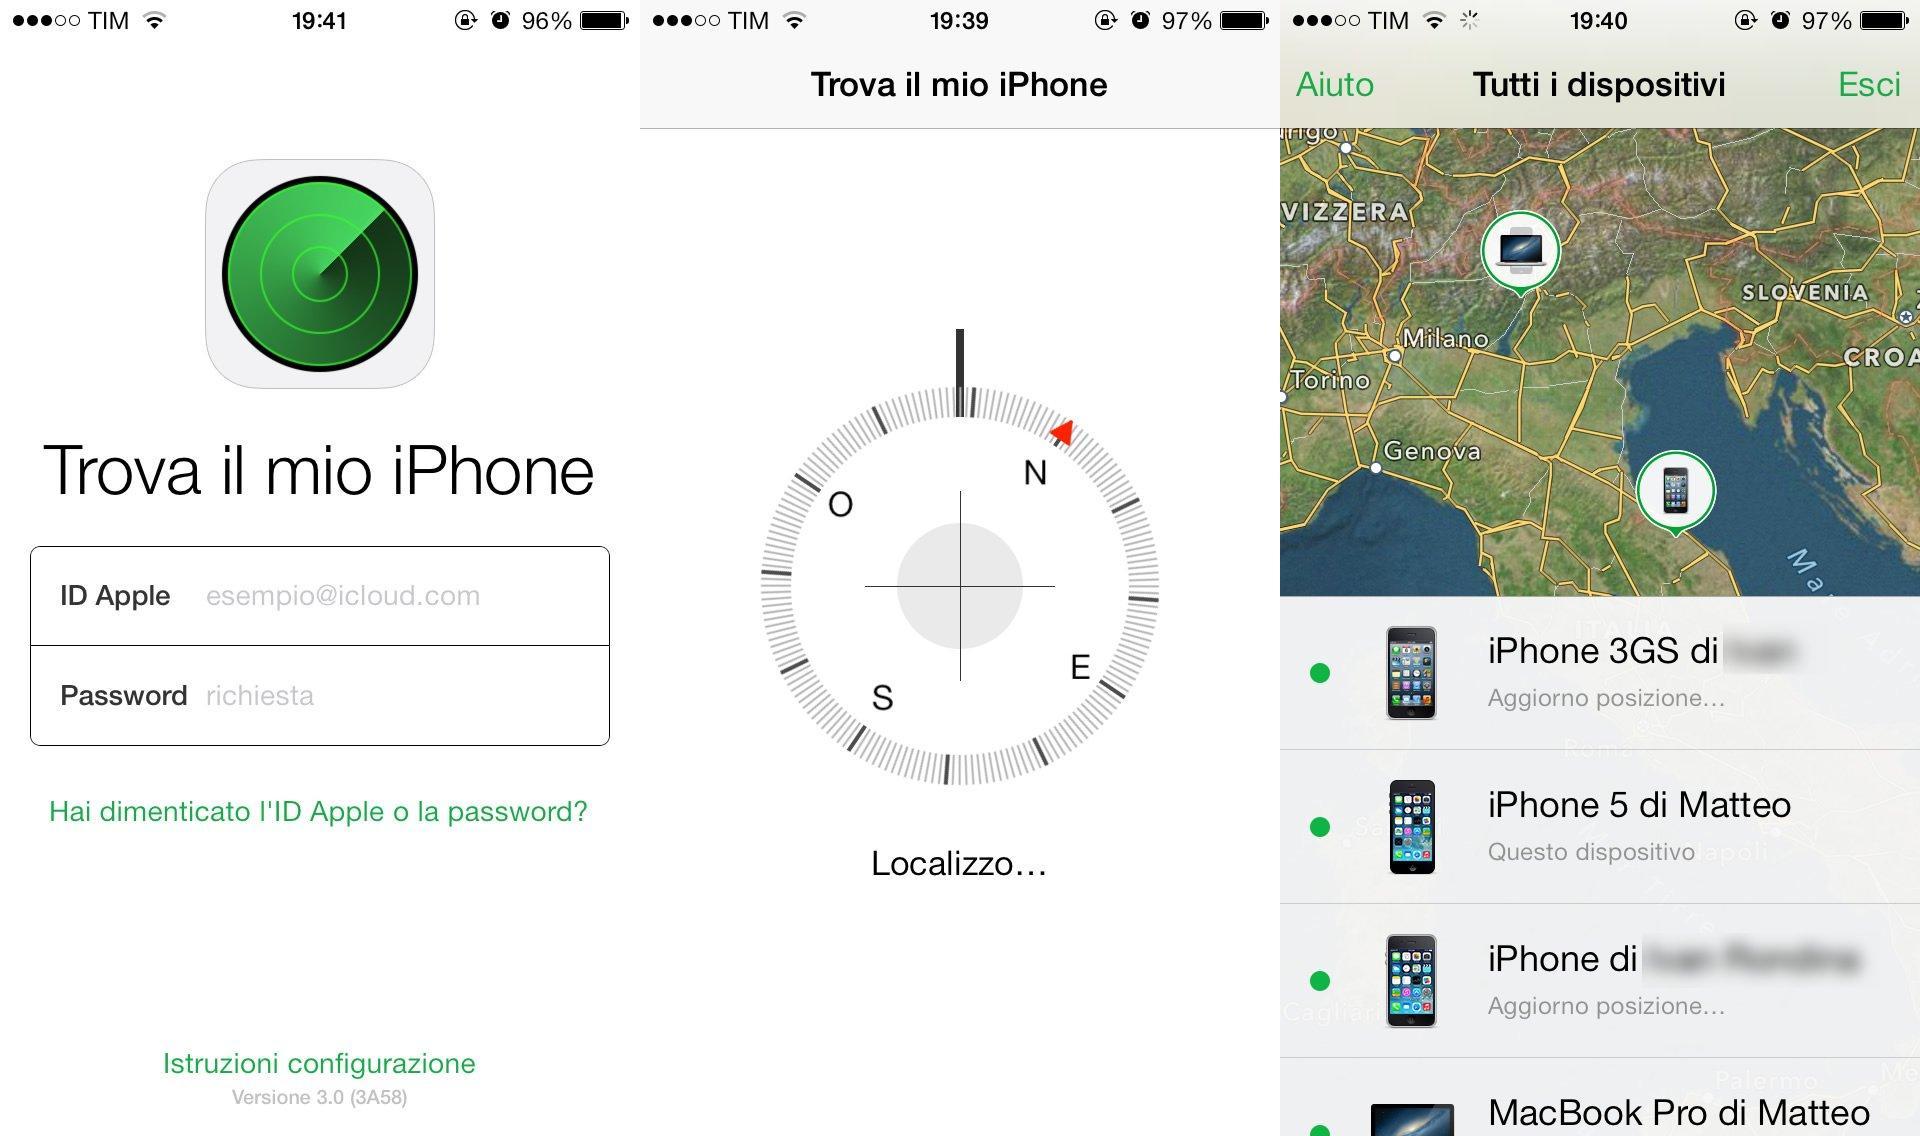 Trova il mio iPhone: schermata iniziale